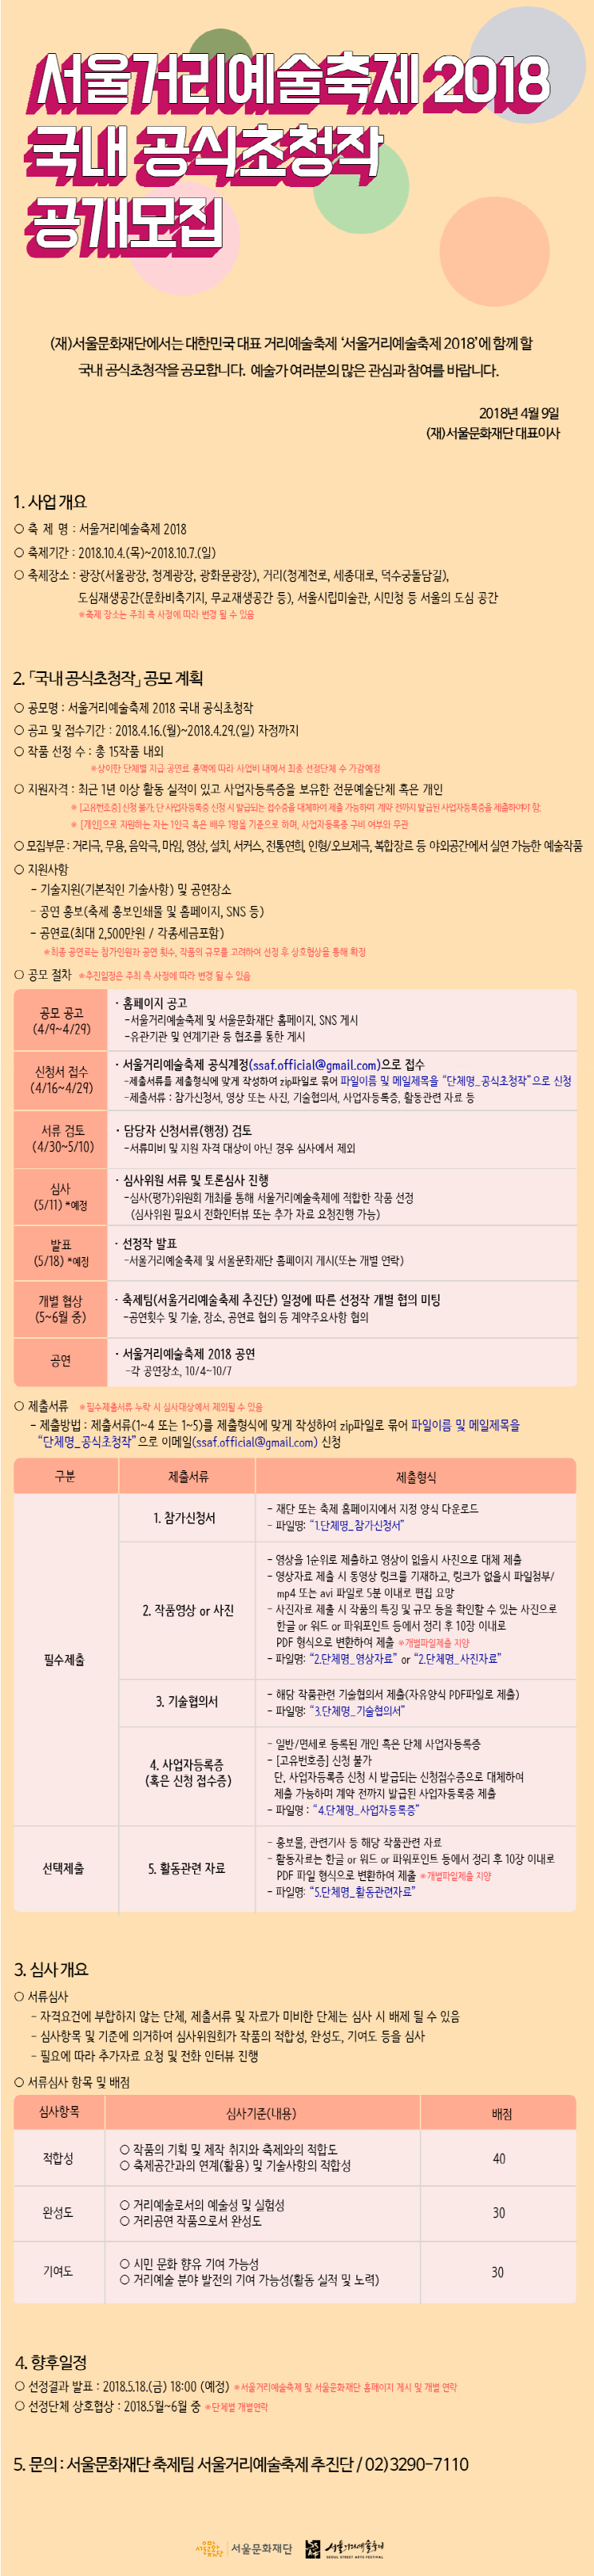 [모집] 서울거리예술축제 2018 국내 공식초청작 공개모집이미지1